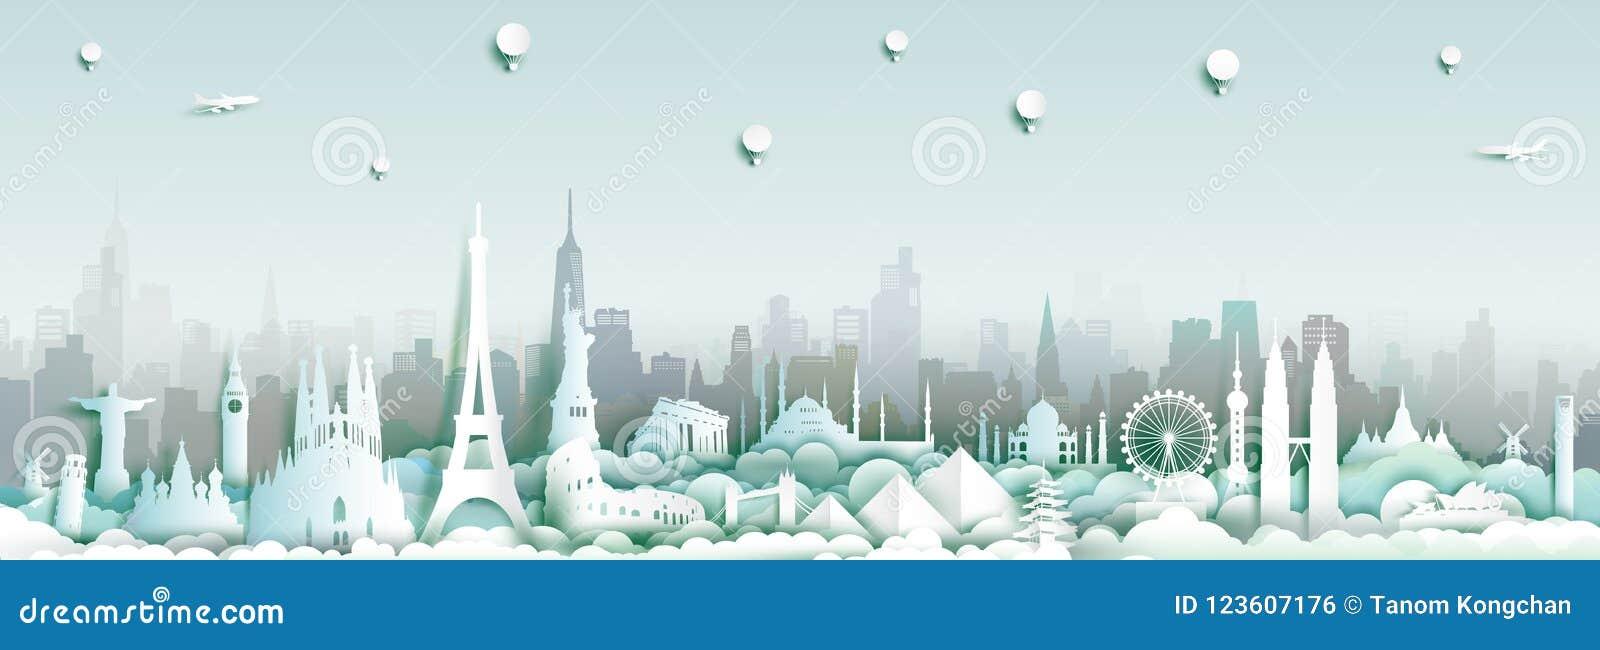 世界的地标有城市地平线背景